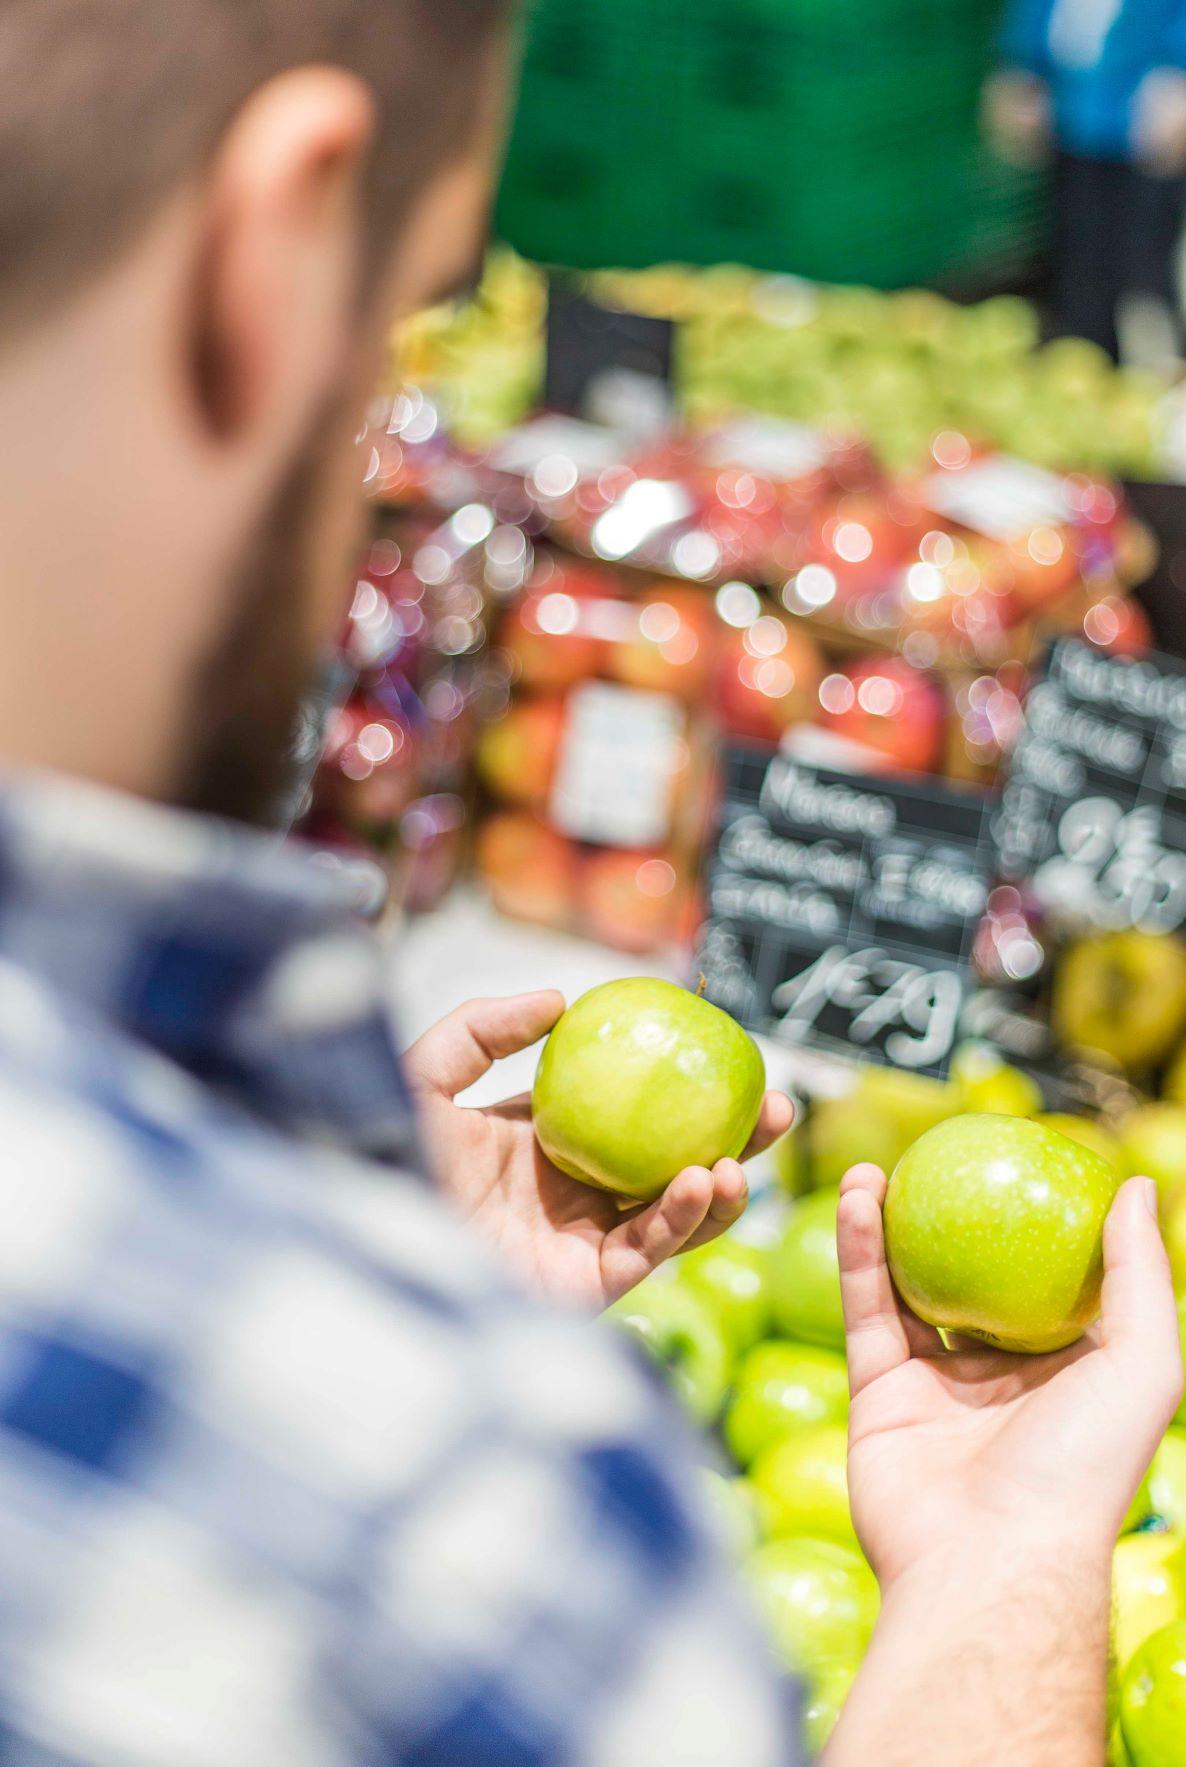 Studie: Wie nachhaltig denkt Österreich? 92% achten bei Nahrung auf Herkunft